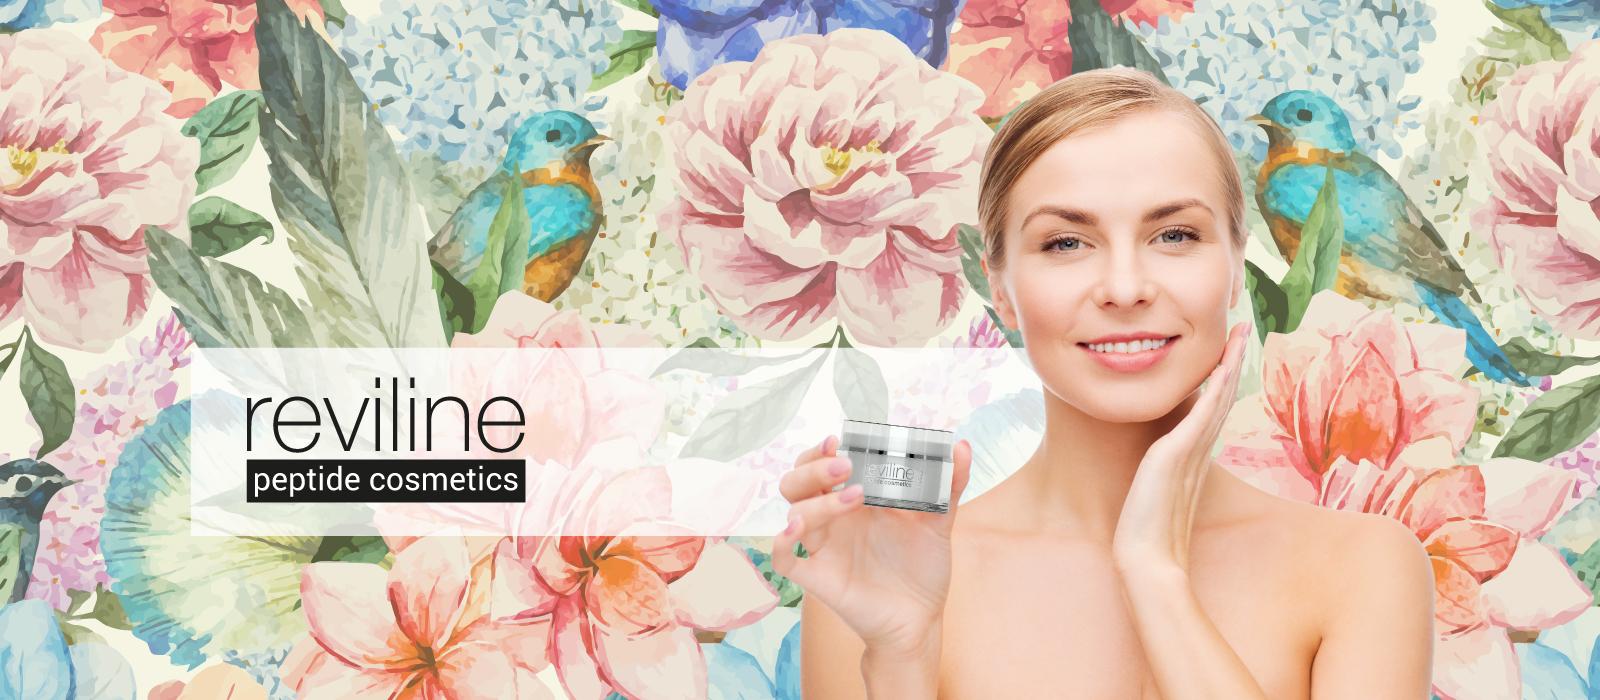 Reviline PRO – профессиональная косметика для вашей кожи